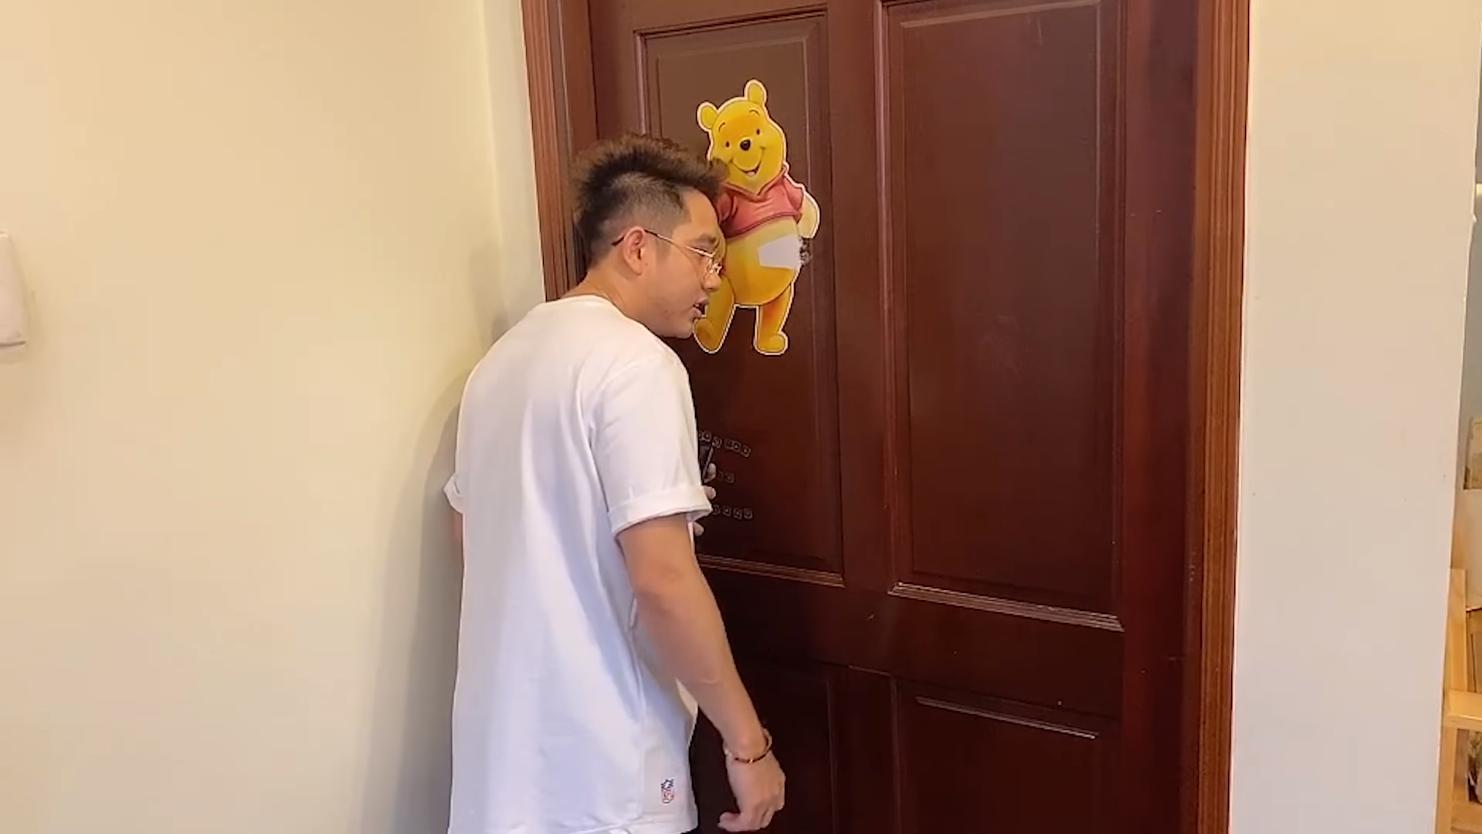 HLV Gấu và quản lý Harvin là 2 người có phòng riêng trong căn nhà. Một phòng dành cho HLV Gấu. Căn phòng được trang trí rất ngộ nghĩnh với chú gấu Pooh ở bên ngoài.